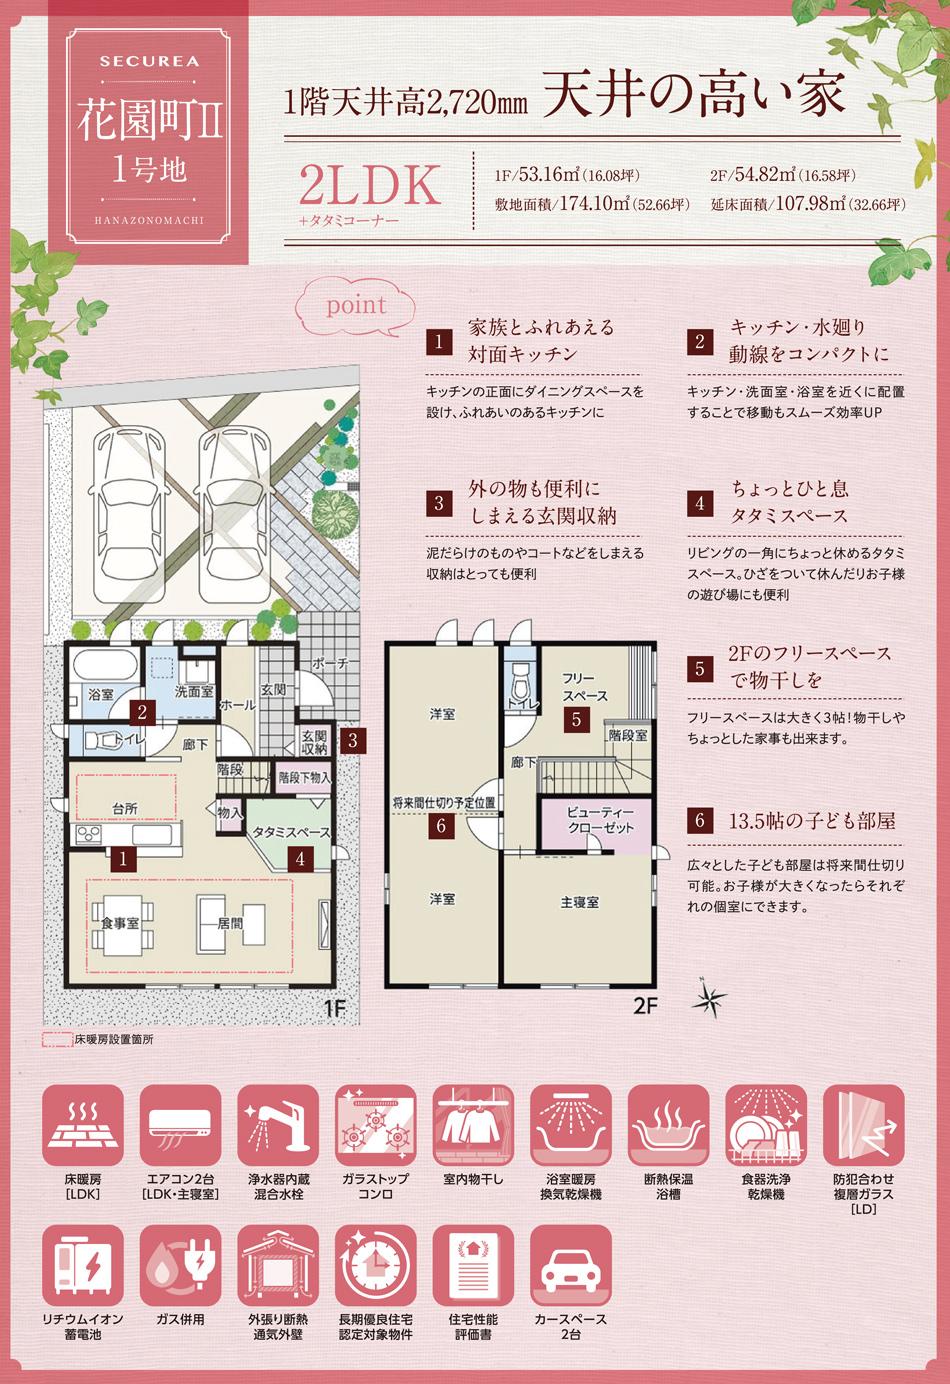 【ダイワハウス】セキュレア花園町II 1号地 (分譲住宅)の画像